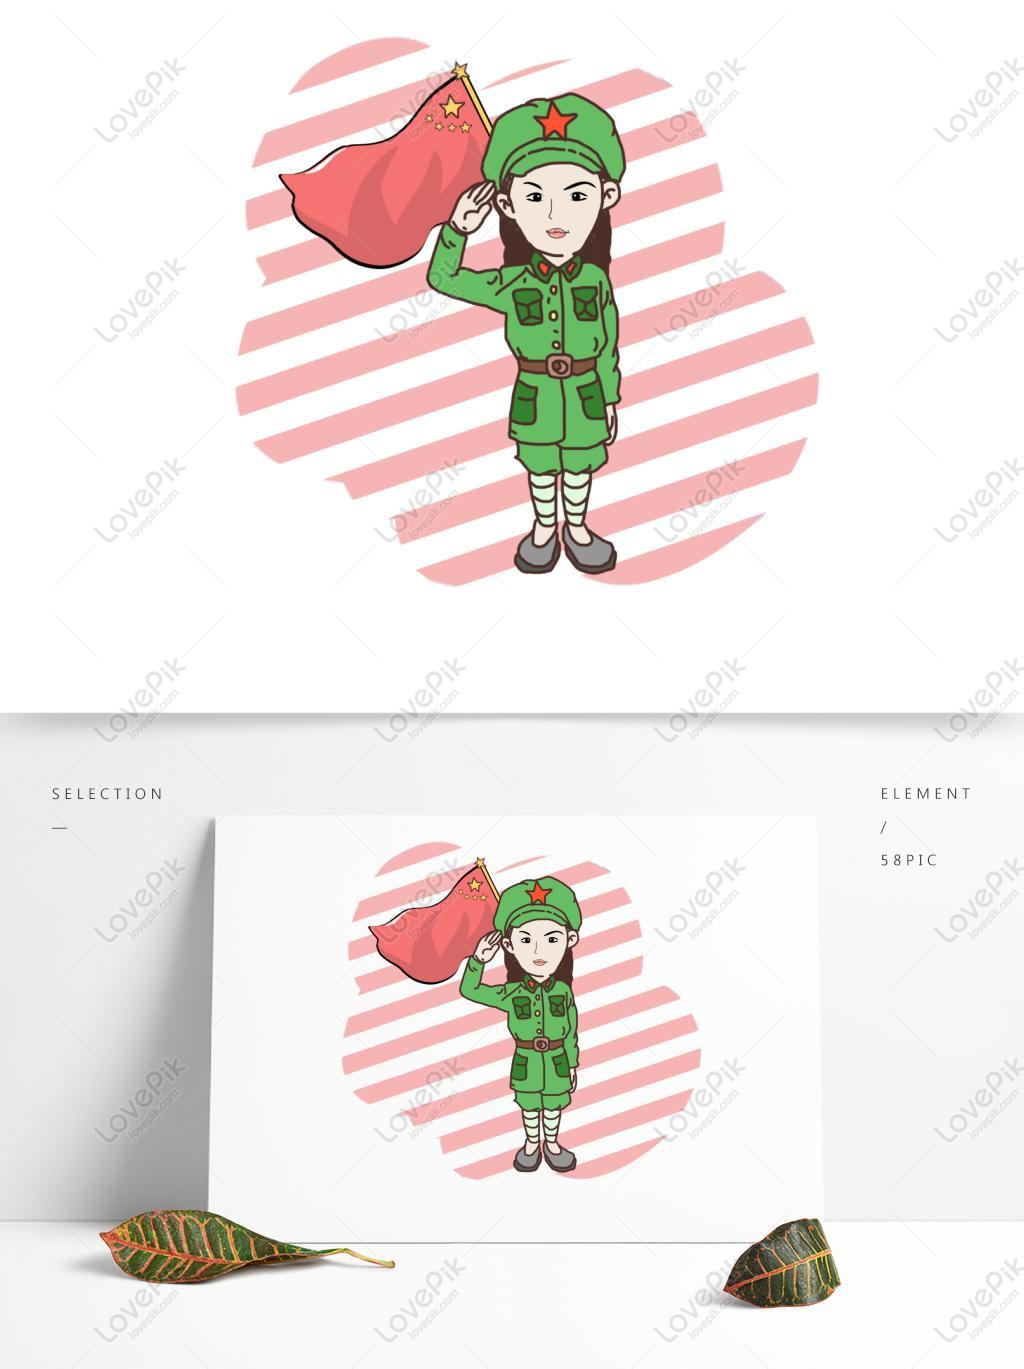 手绘卡通国庆节军人漫画敬礼形象元素